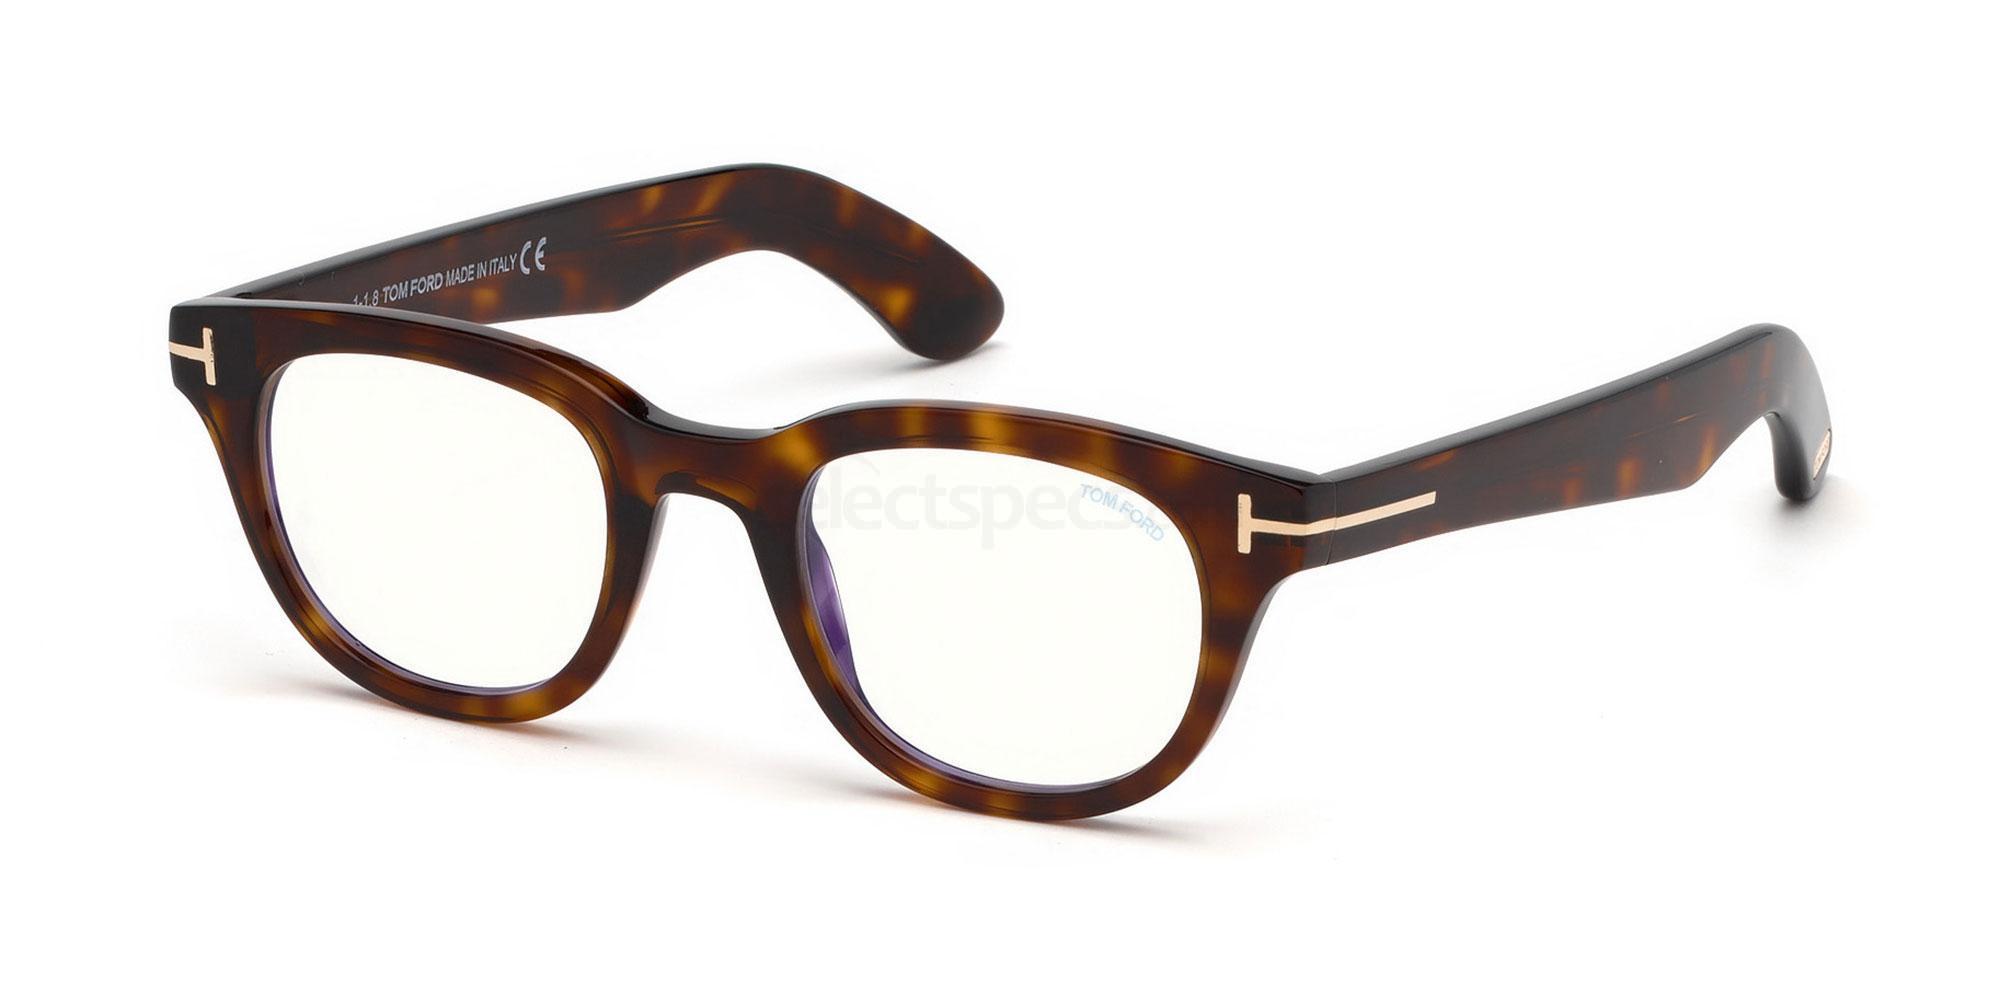 052 FT5558-B Glasses, Tom Ford